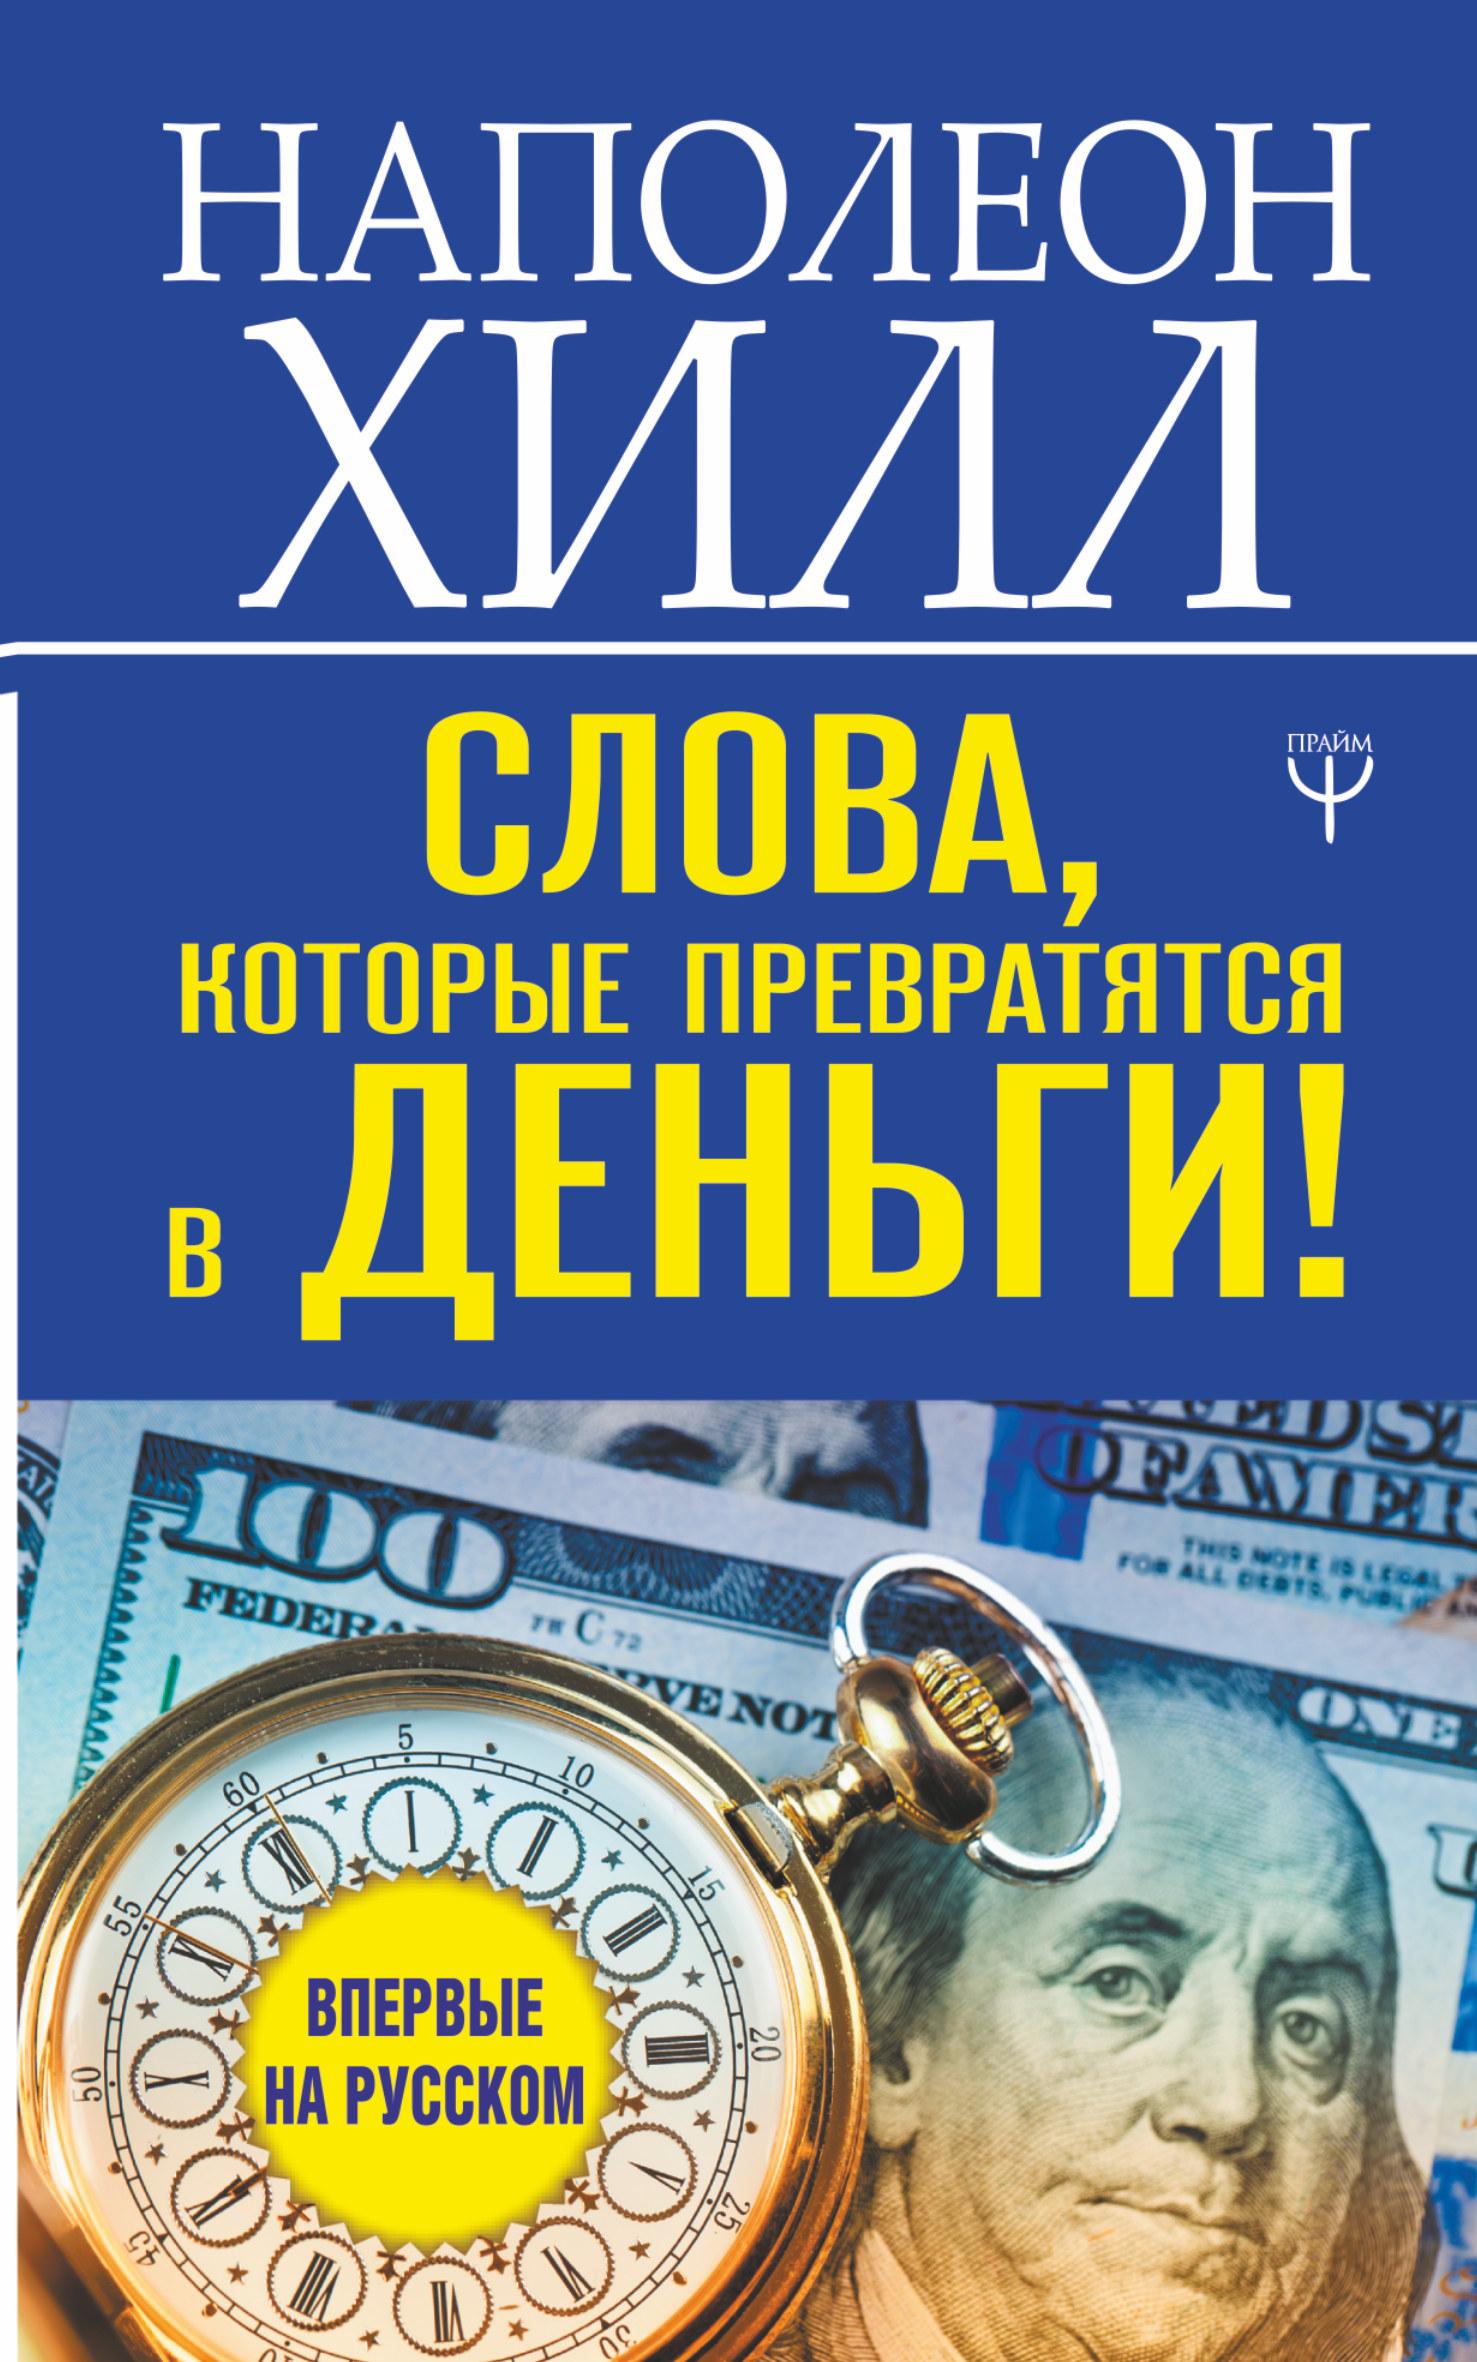 Обложка книги Слова, которые превратятся в деньги!